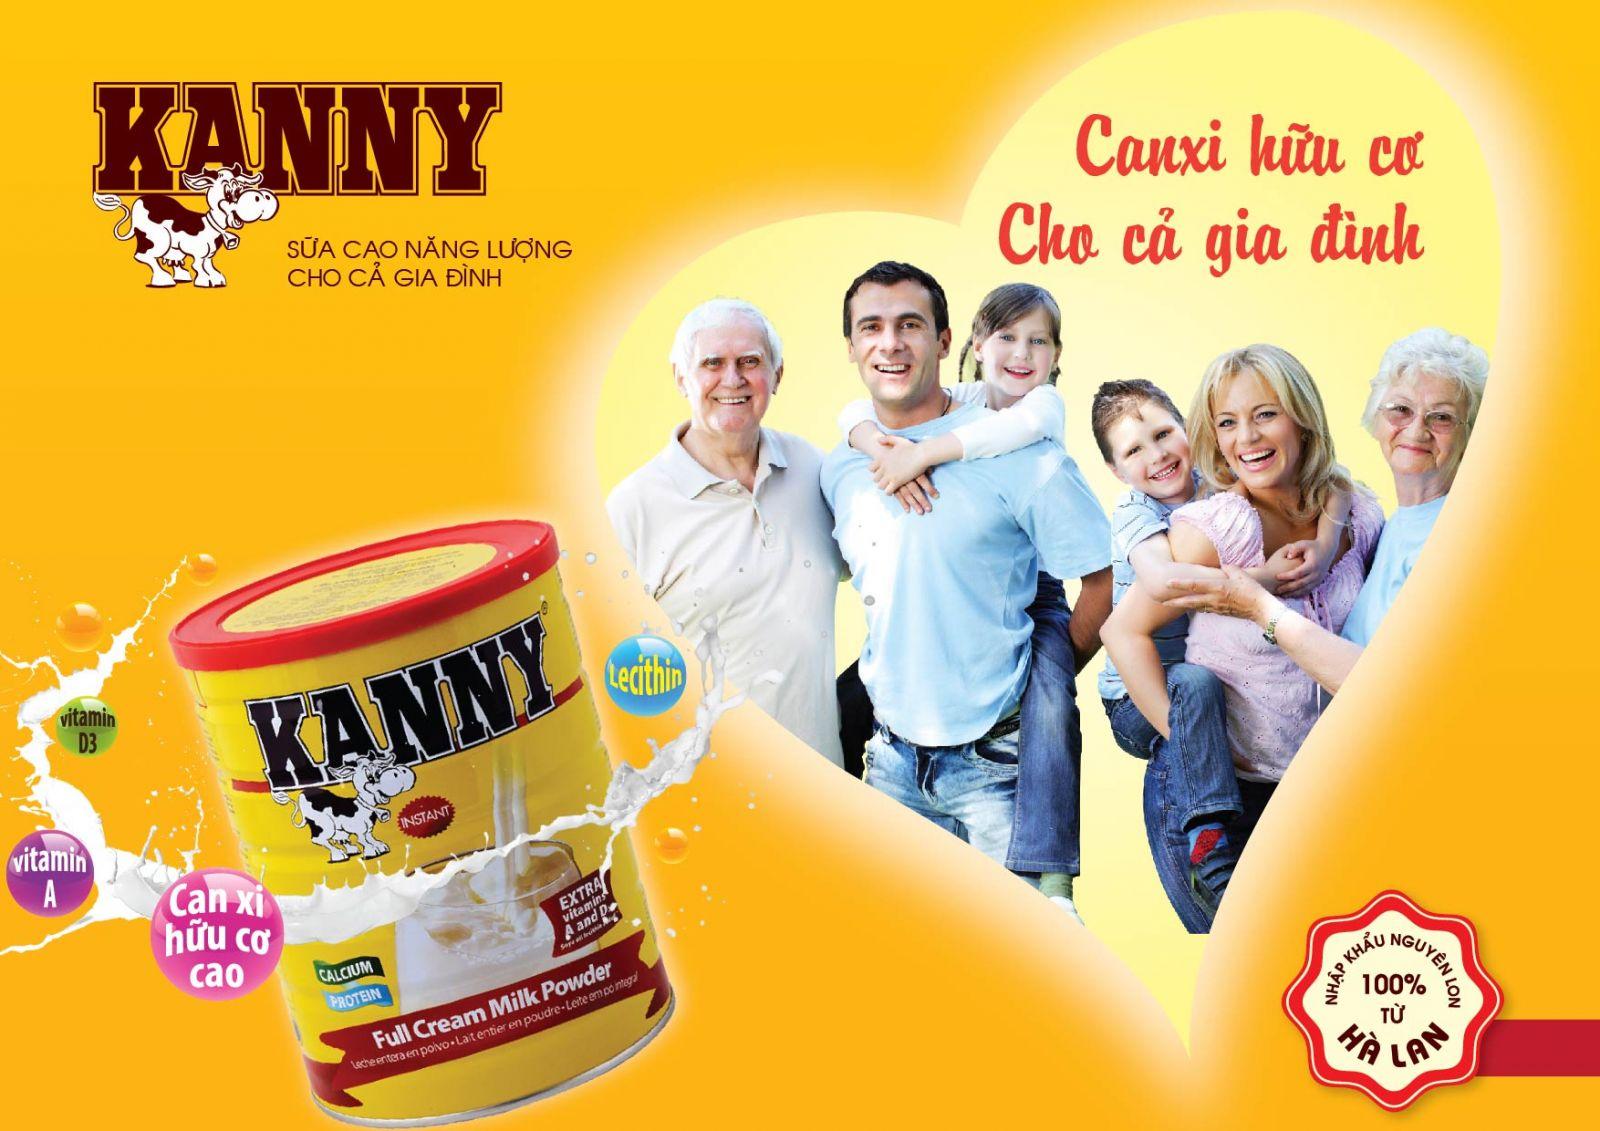 Sữa Kanny 900g sản phẩm dinh dưỡng hữu cơ đến từ Hà lan